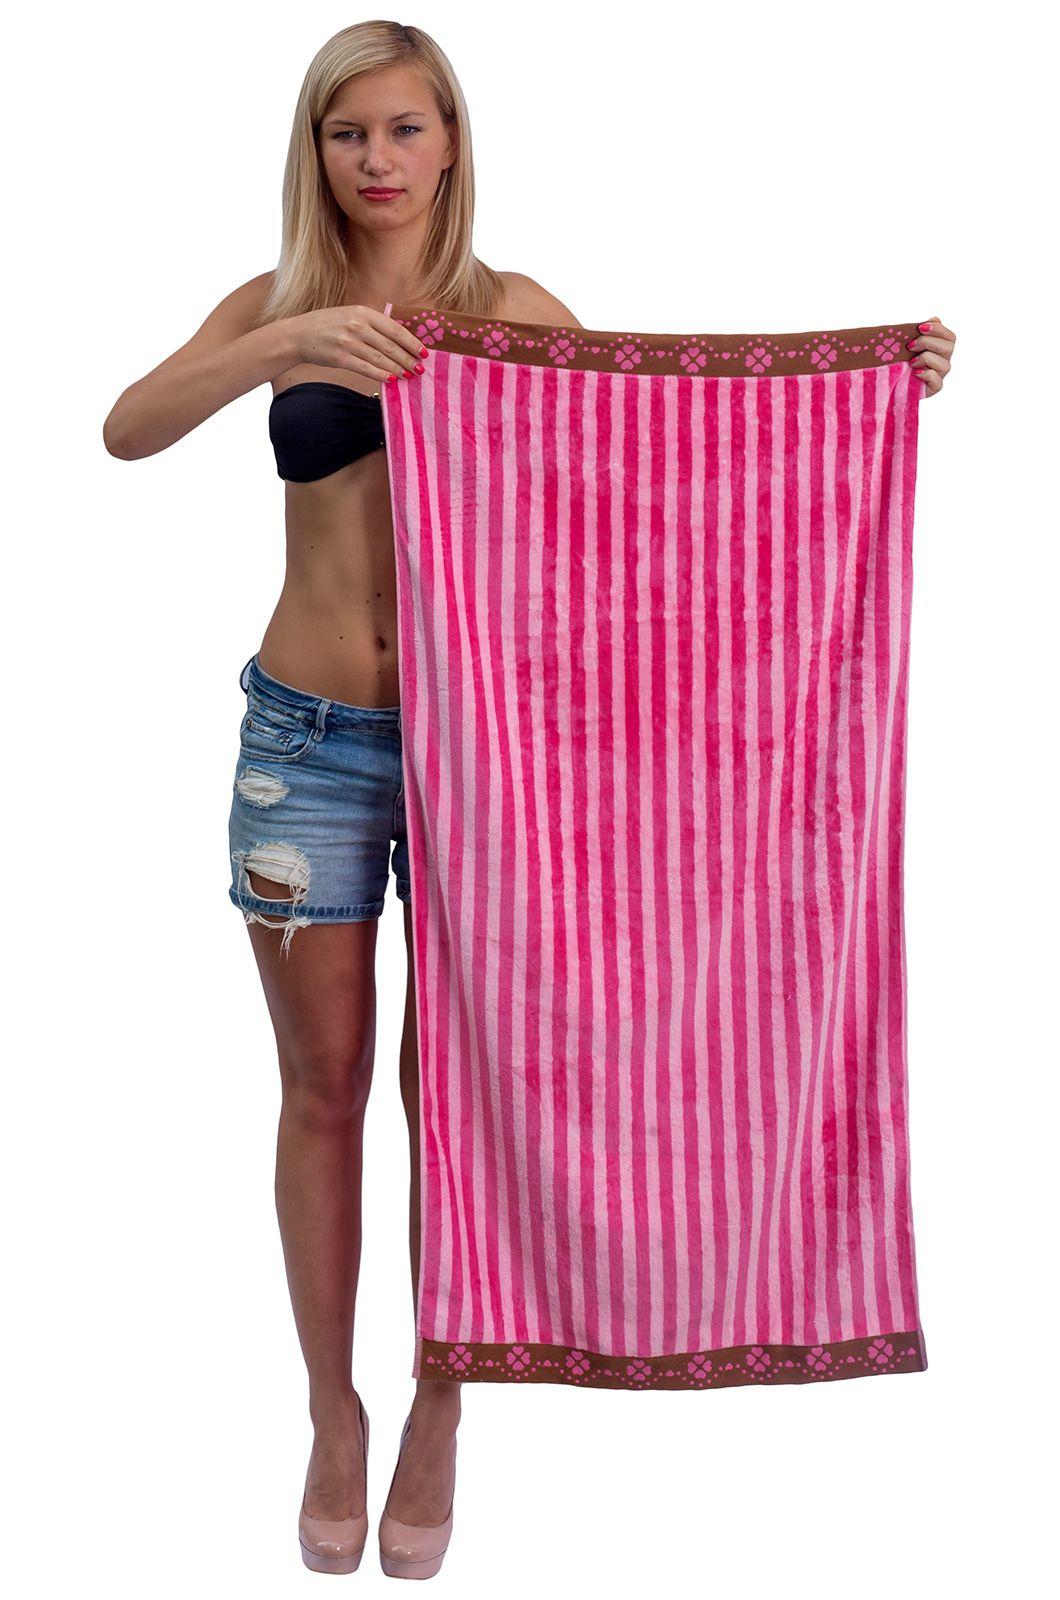 Махровое полотенце в полоску - купить с доставкой по России